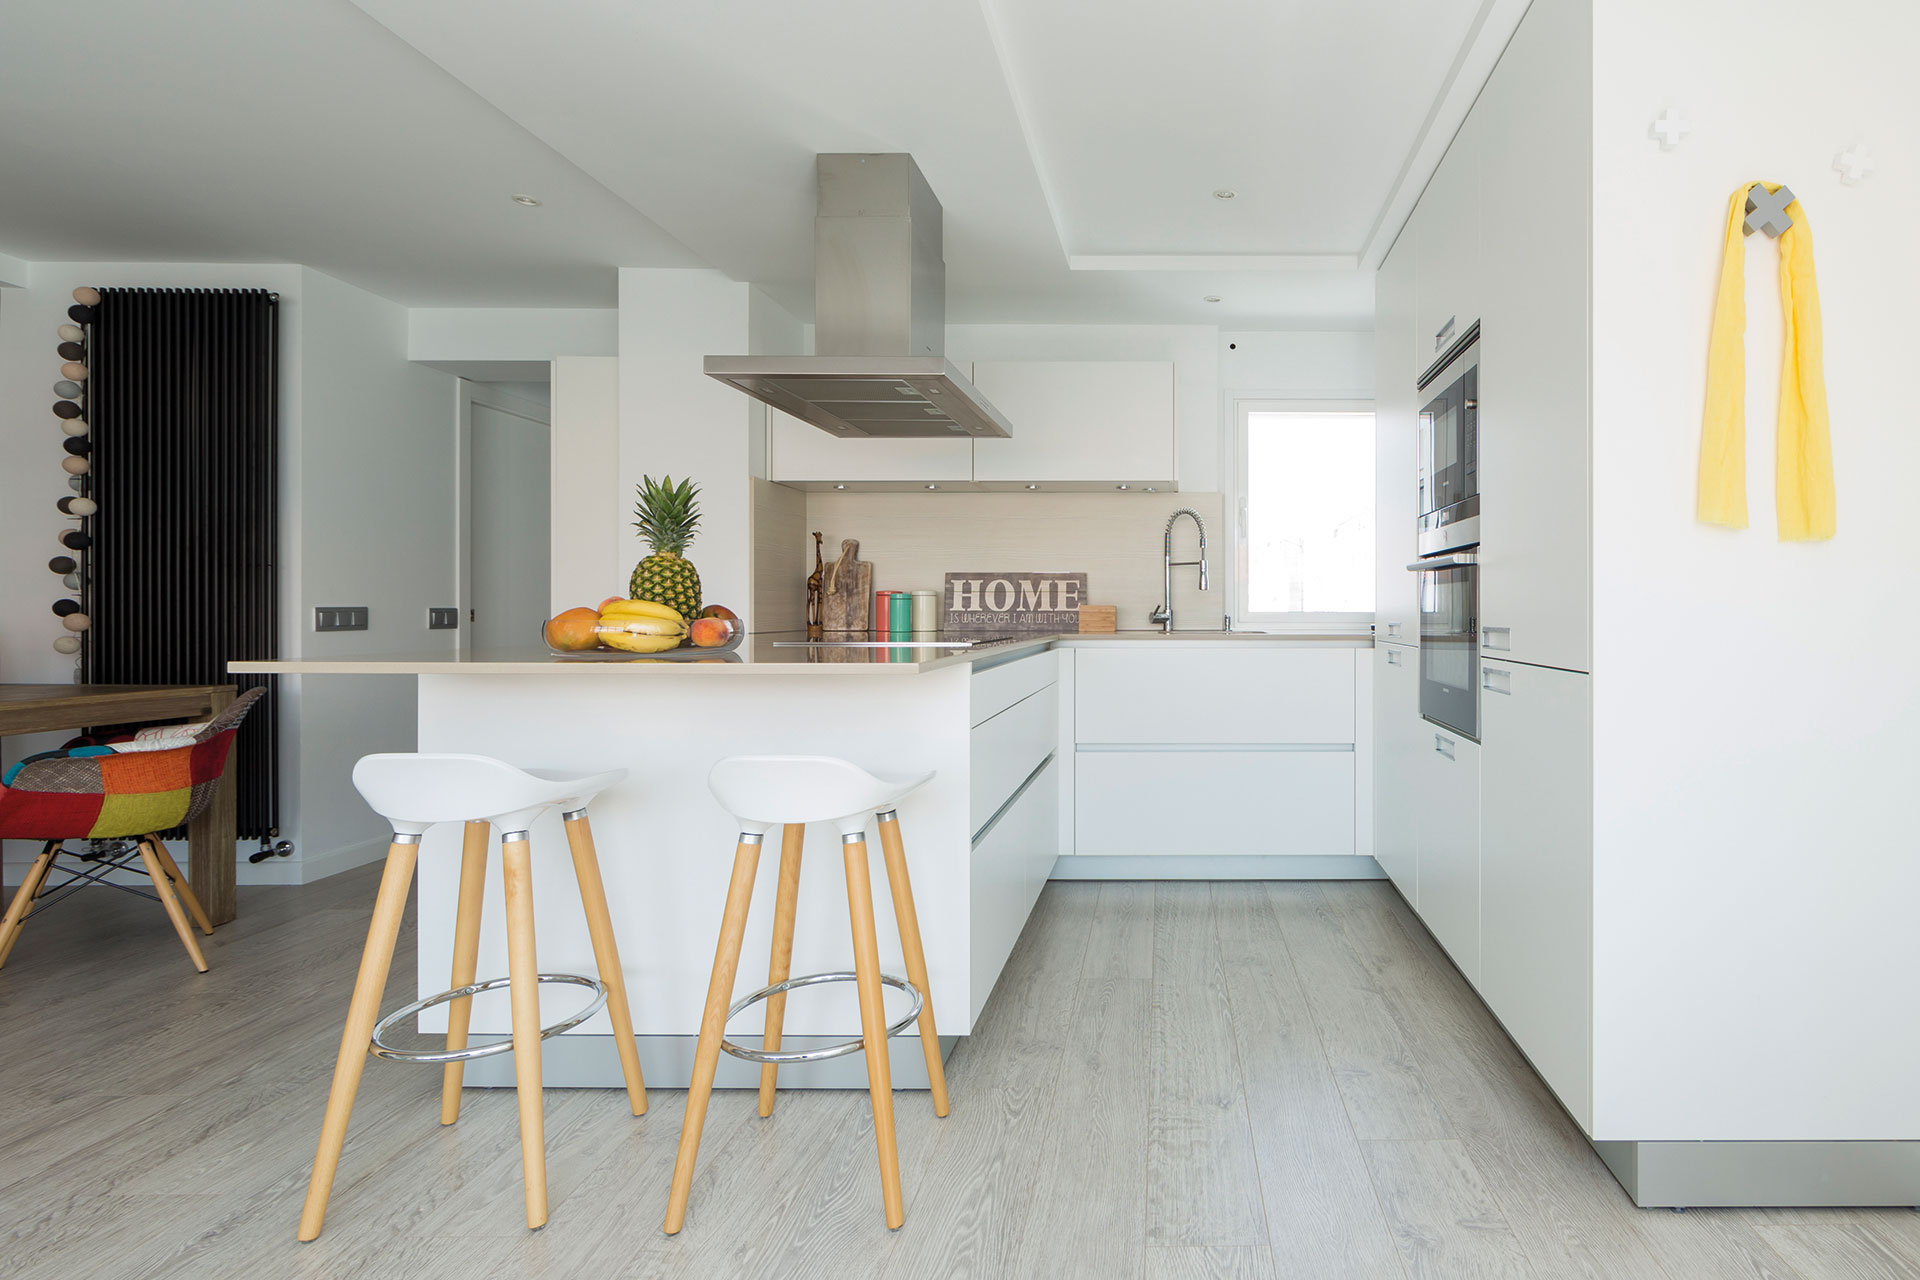 Image cocinas-blancas-abiertas-santos-santiago-interiores-cocinas-top-habitissimo